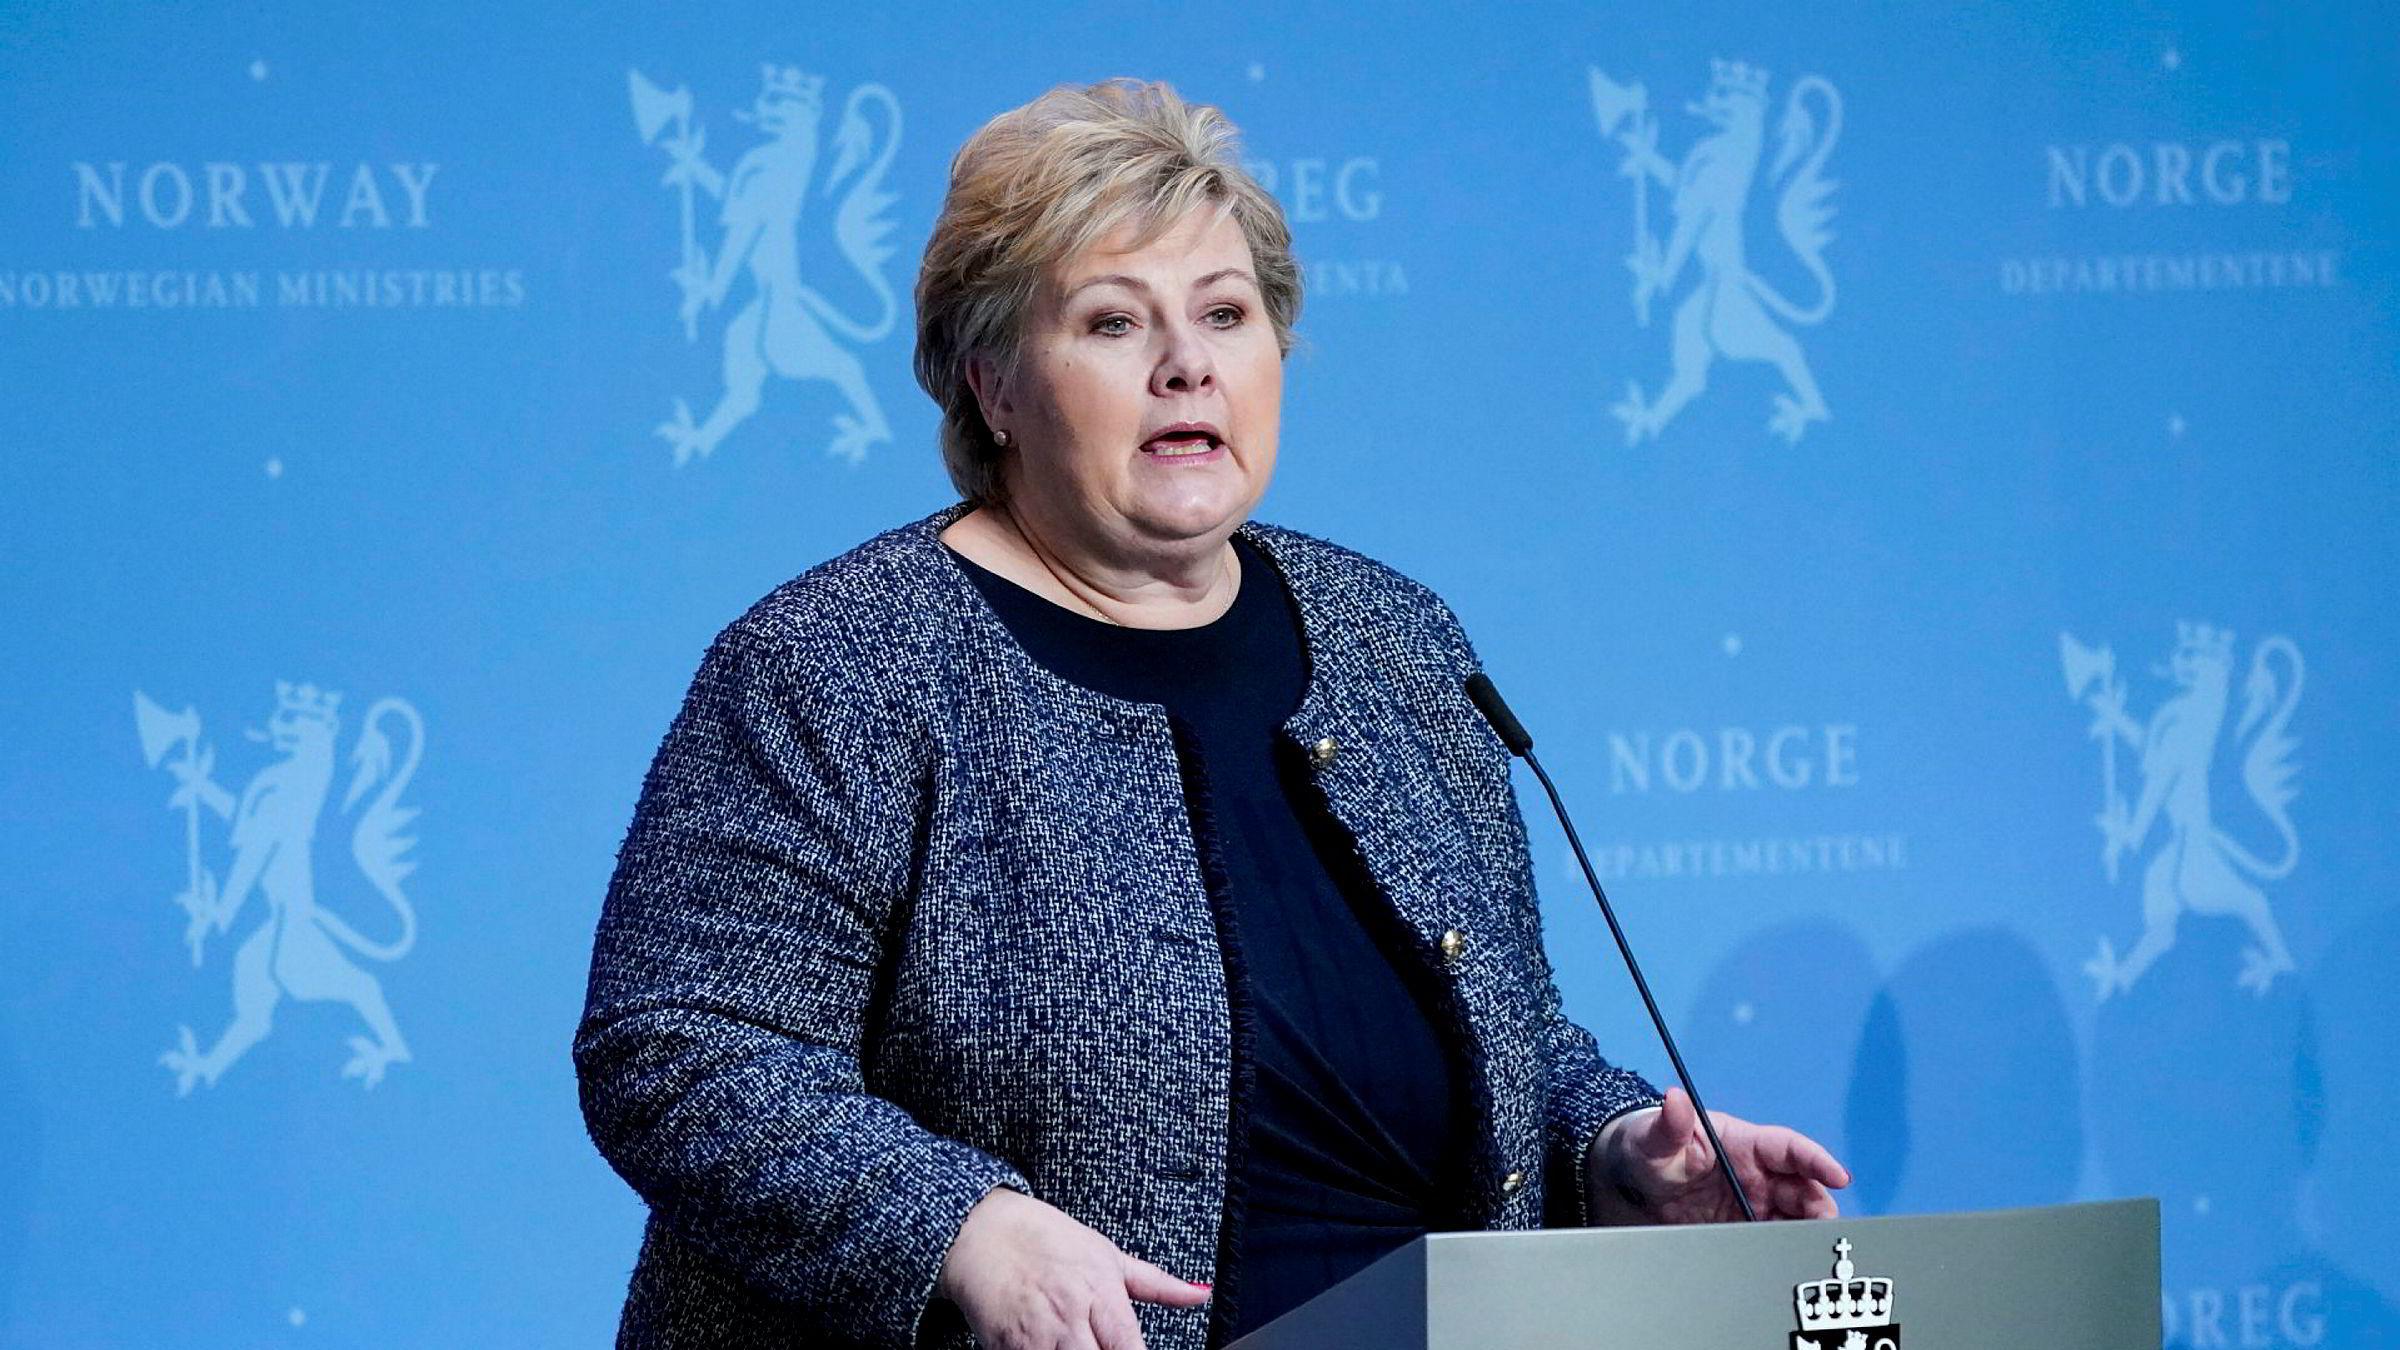 Statsminister Erna Solberg på regjeringens faste pressekonferanse om koronasituasjonen, der tema blant annet er ferie og fritidsreiser.